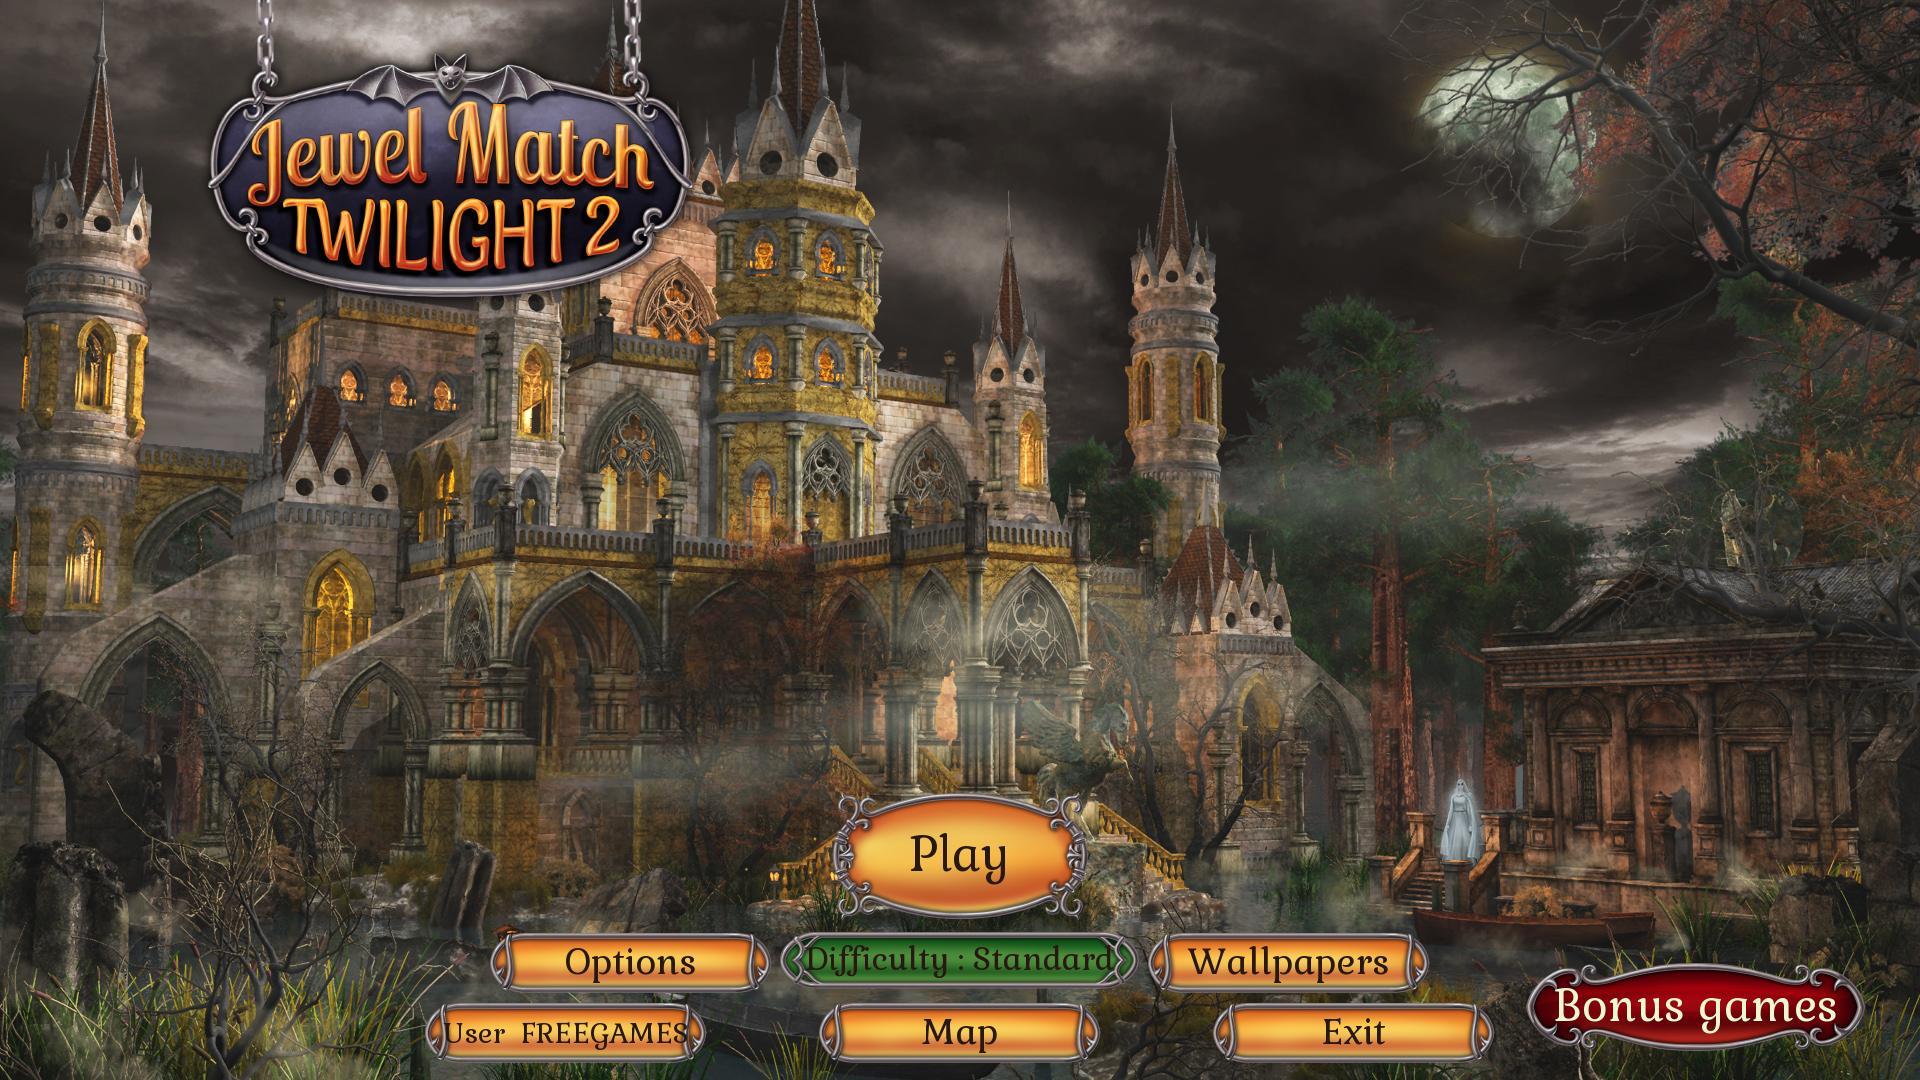 Джевел Матч Сумерки 2 | Jewel Match Twilight 2 (En)